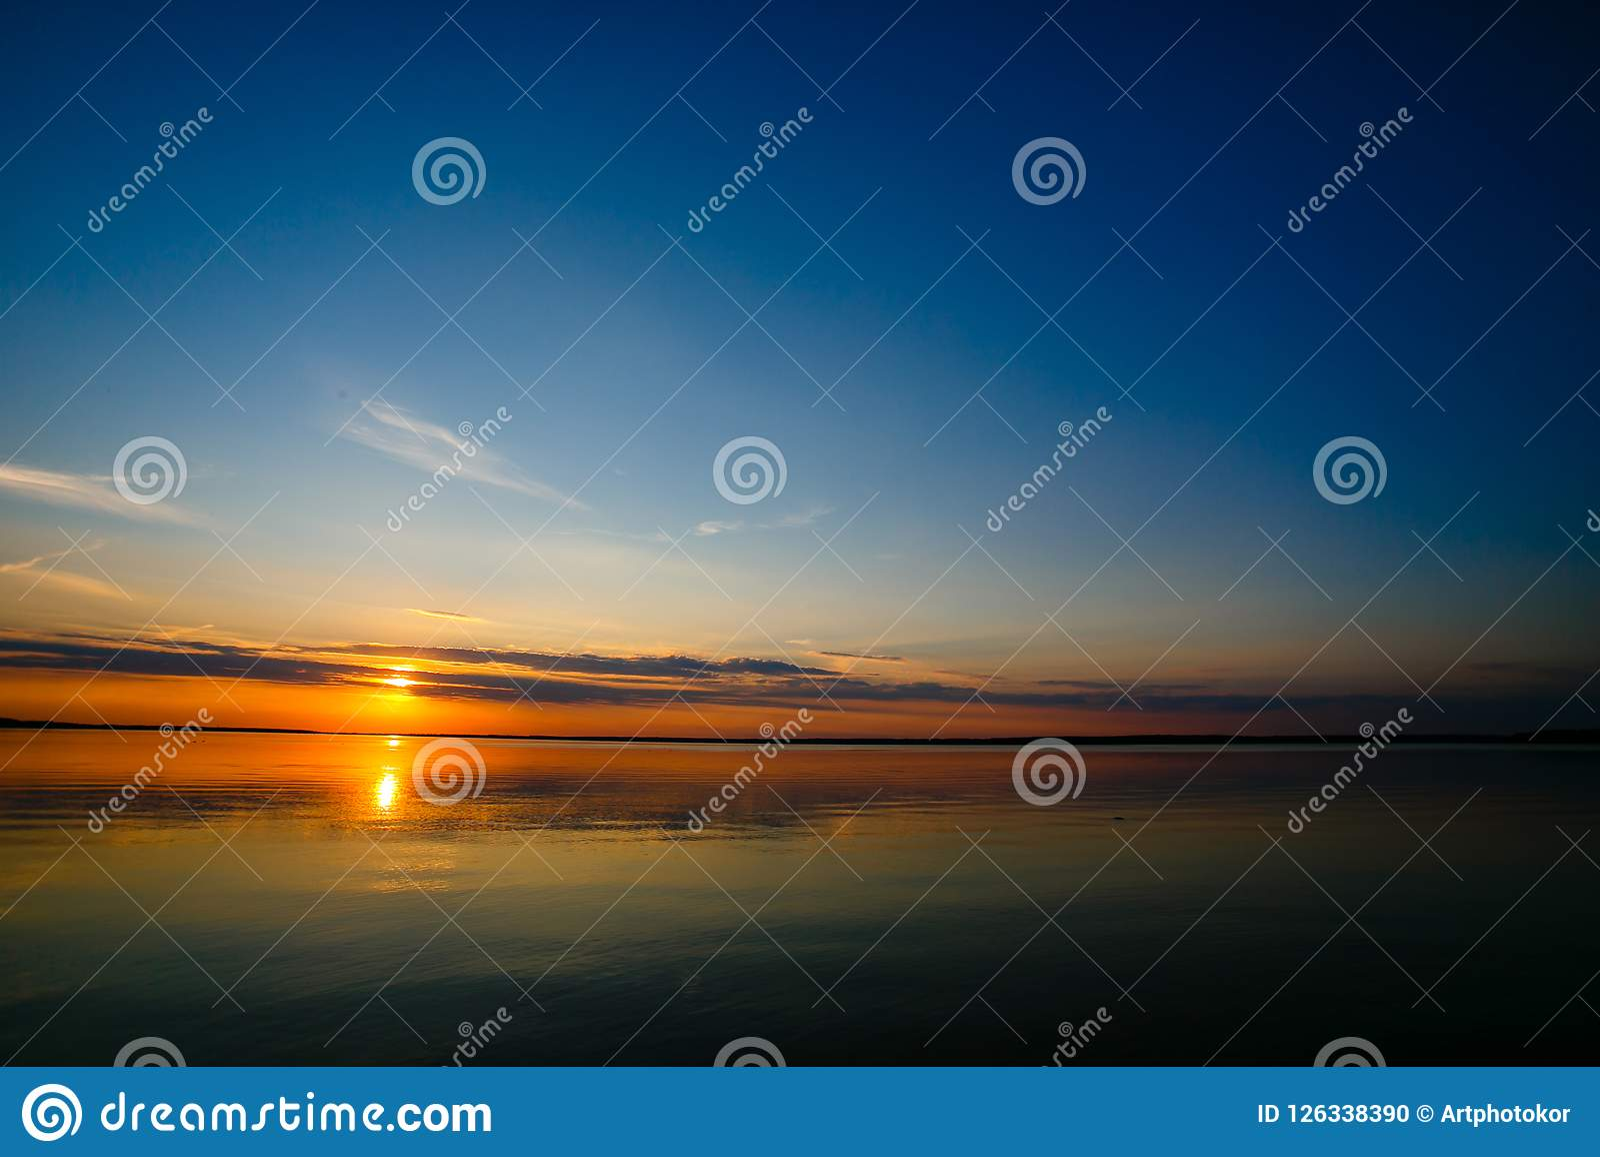 Rullande down för ljus sol horisontlinjen